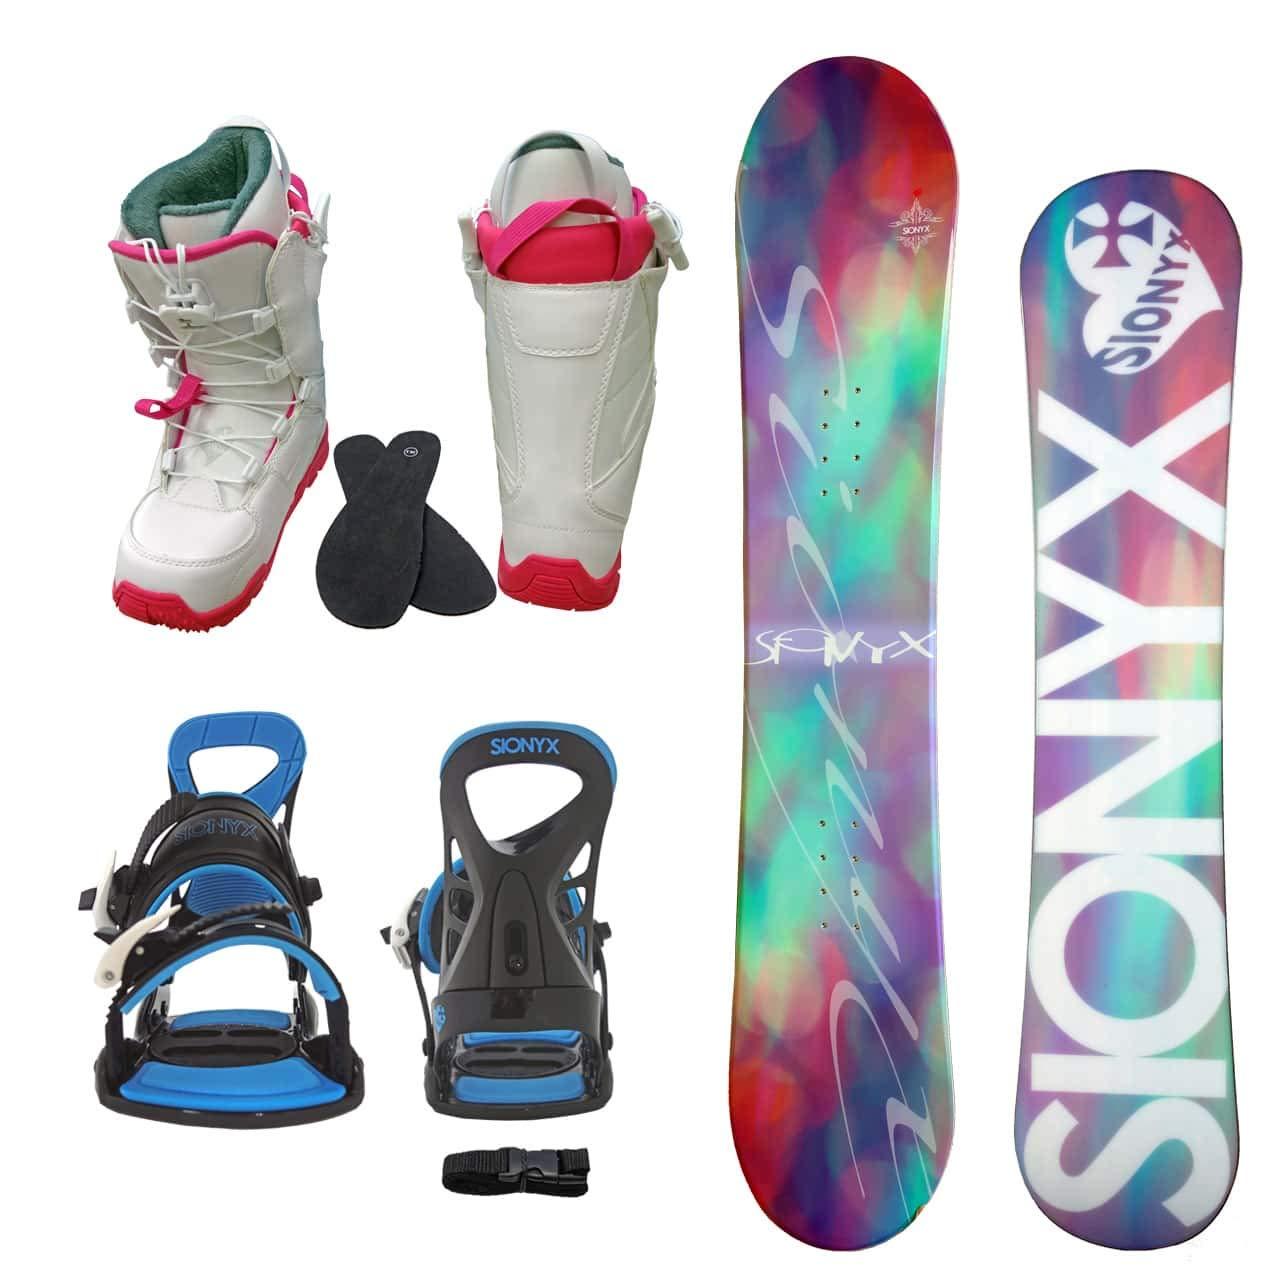 SIONYX レディース スノーボード3点セット スノボー+バインディング+クイックシューレースブーツ BELLA B07JJFRDMH ボード 144+boots 25.0|ボード ピンク+binding ブルー+boots ホワイト ボード ピンク+binding ブルー+boots ホワイト ボード 144+boots 25.0